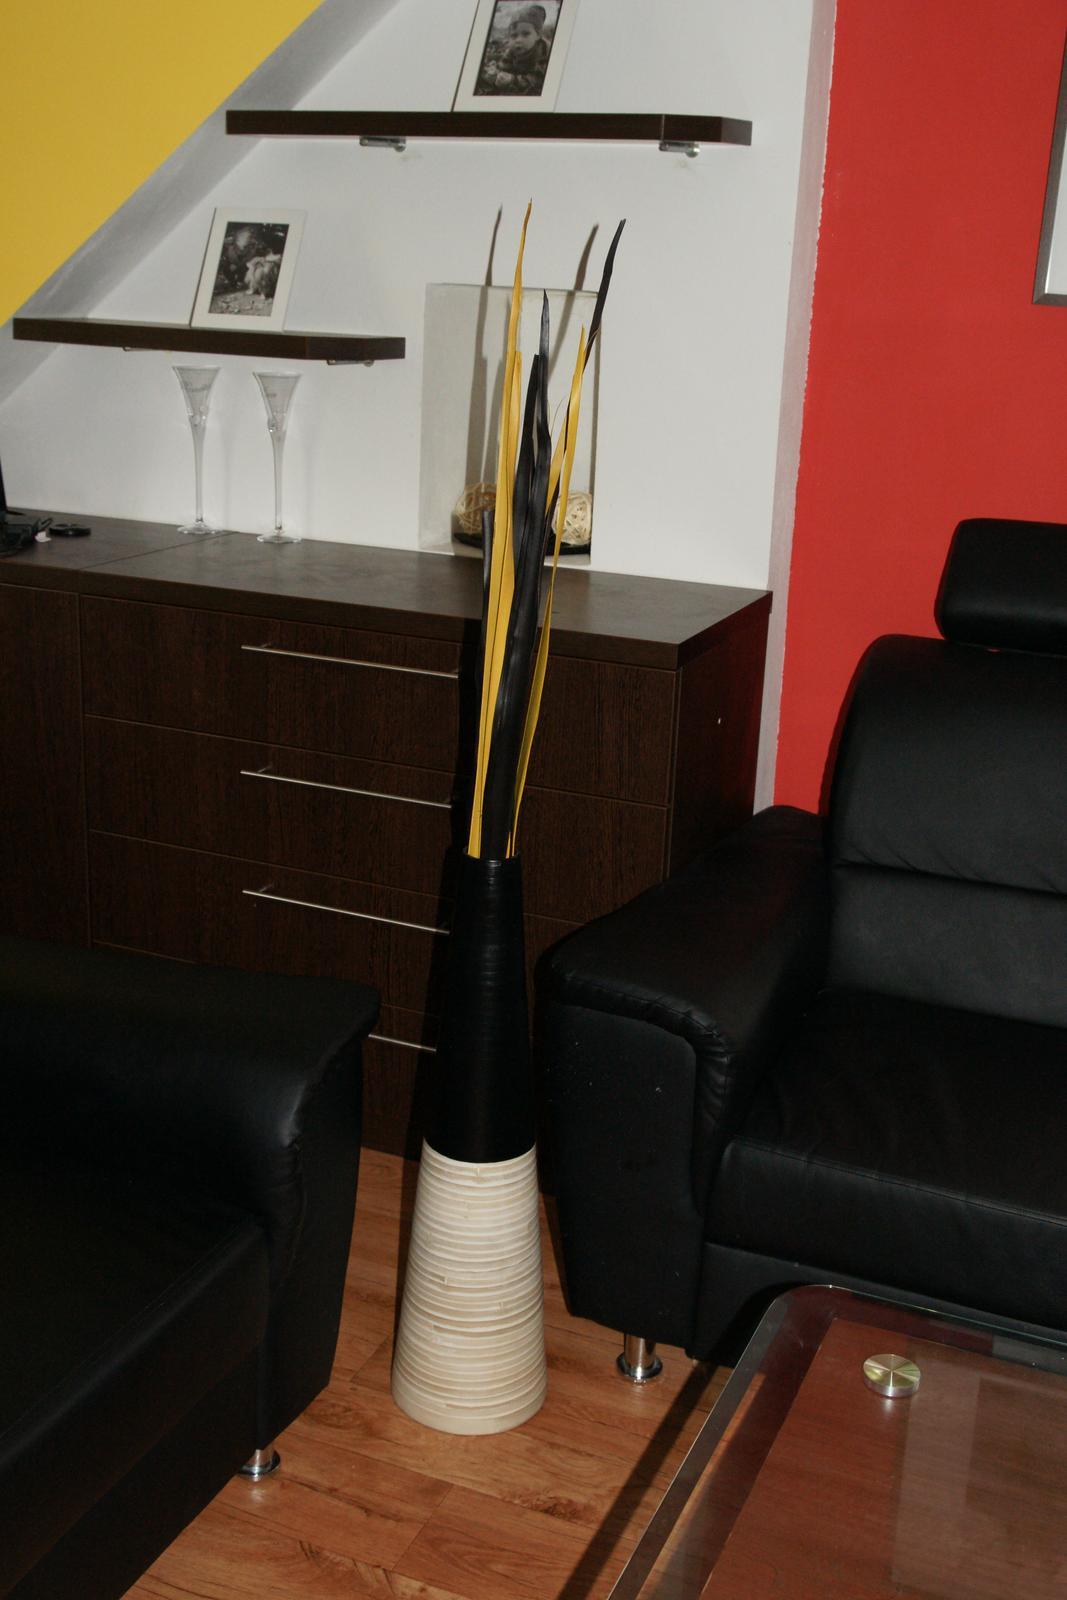 Náš  byteček - konečně jsem si pořídila velkou vázu